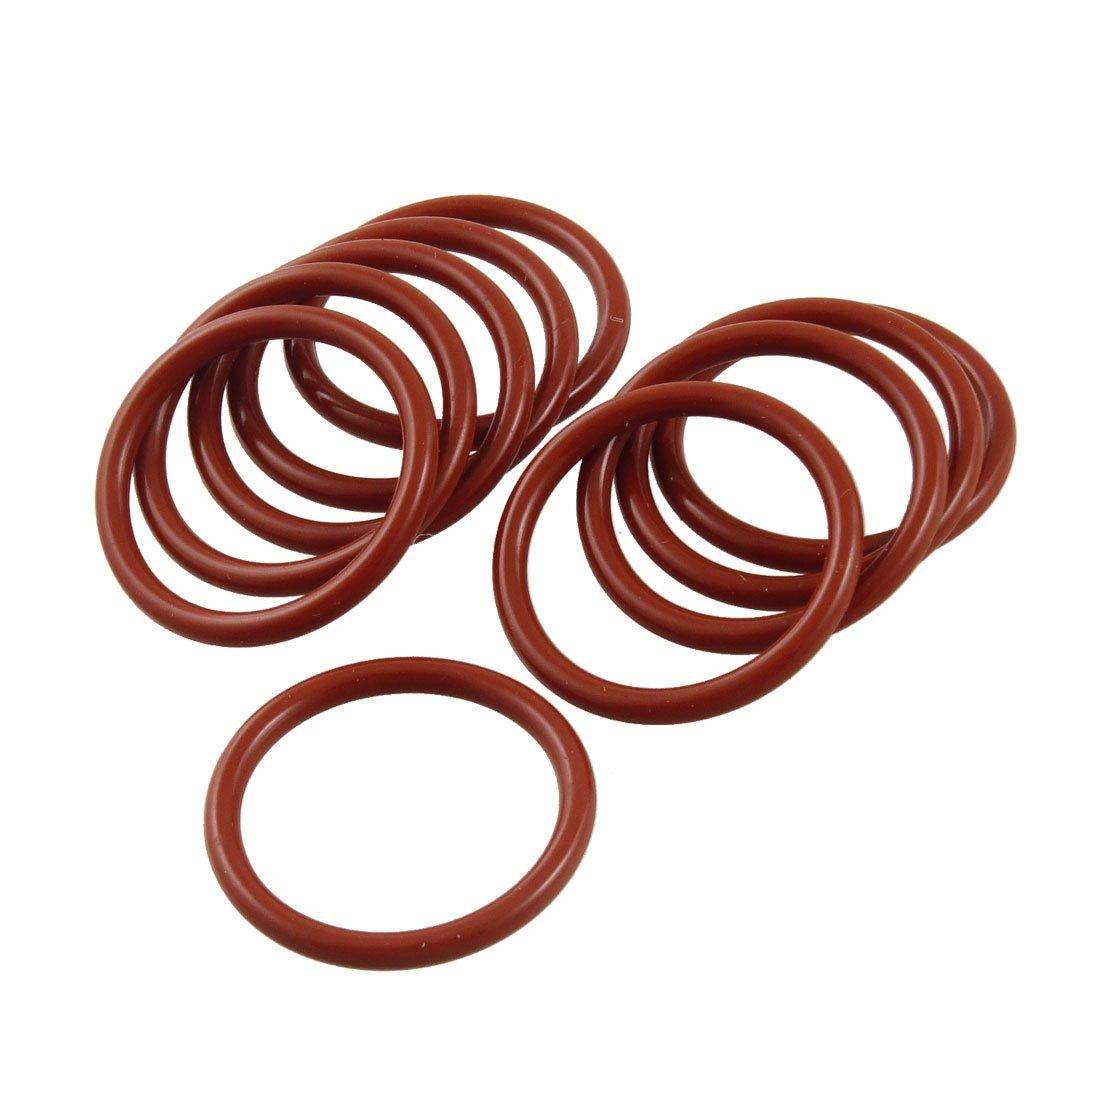 Sourcingmap - 10 parti di silicone industriali contenenti o-ring 35 guarnizione 29 millimetri x 3 mm x mm a12041800ux0201